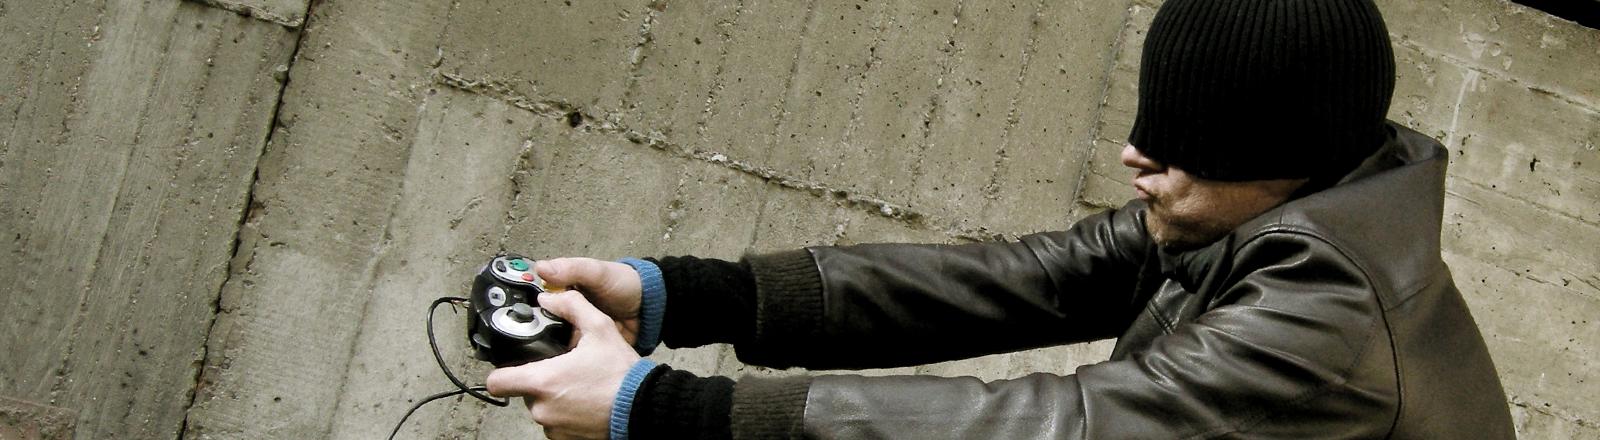 Mann mit Mütze und Gamepad in der Hand